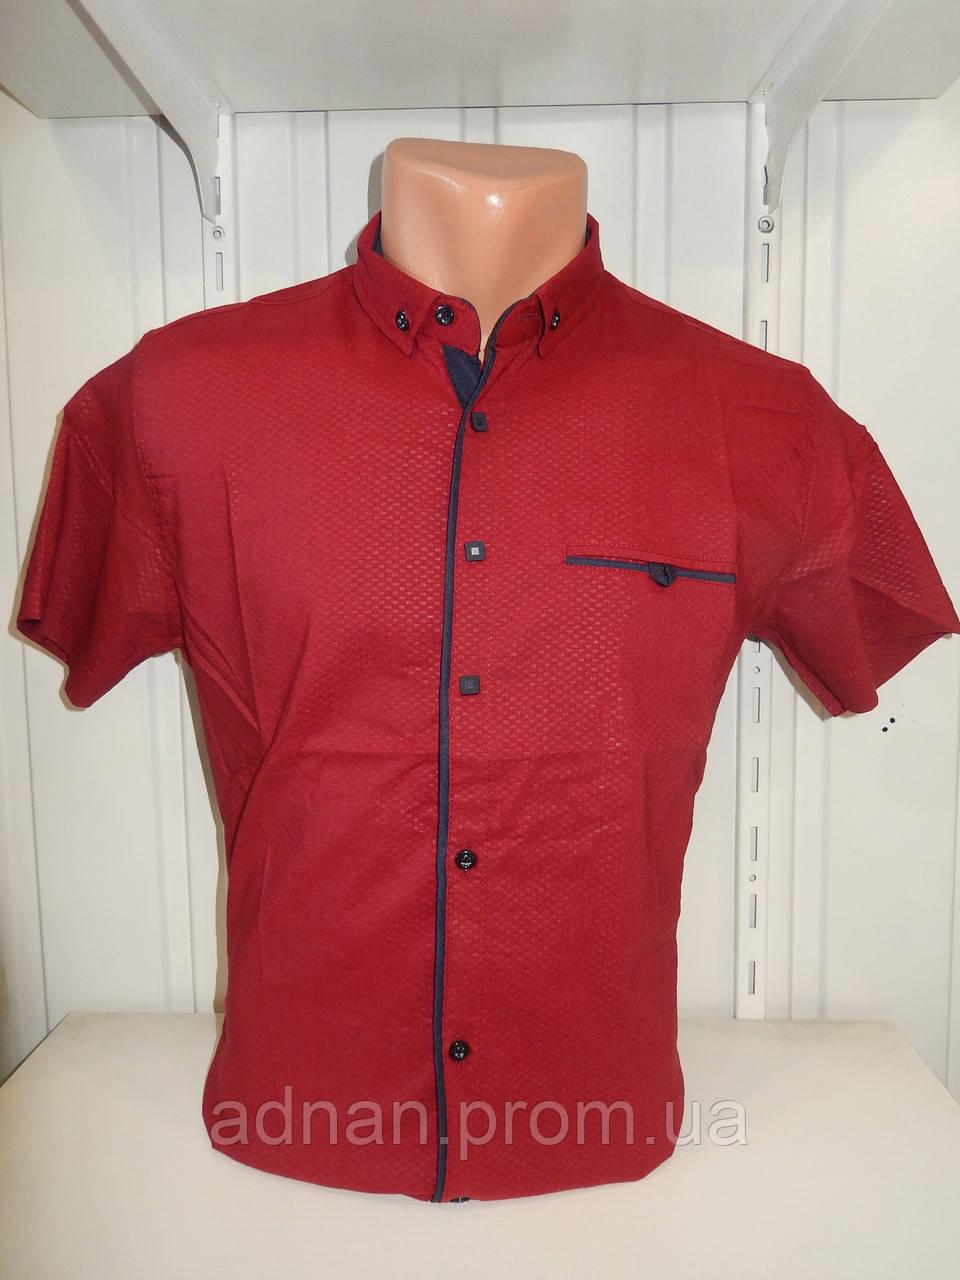 Рубашка мужская  CROM стрейч, заклепки узор шахматка 002 \ купить рубашку оптом.